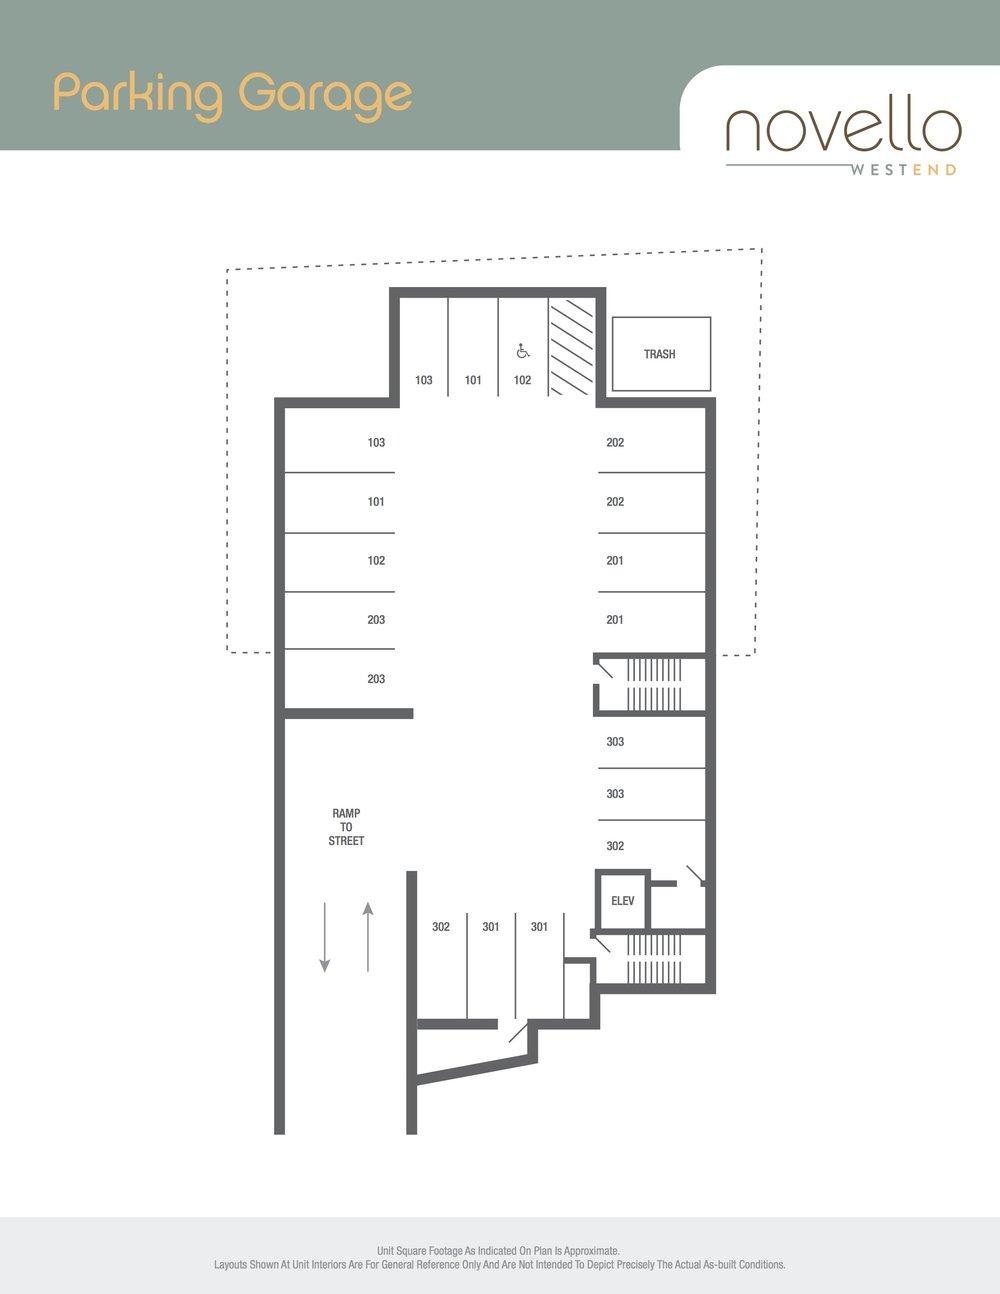 Novello Floor Plans - Parking.jpg